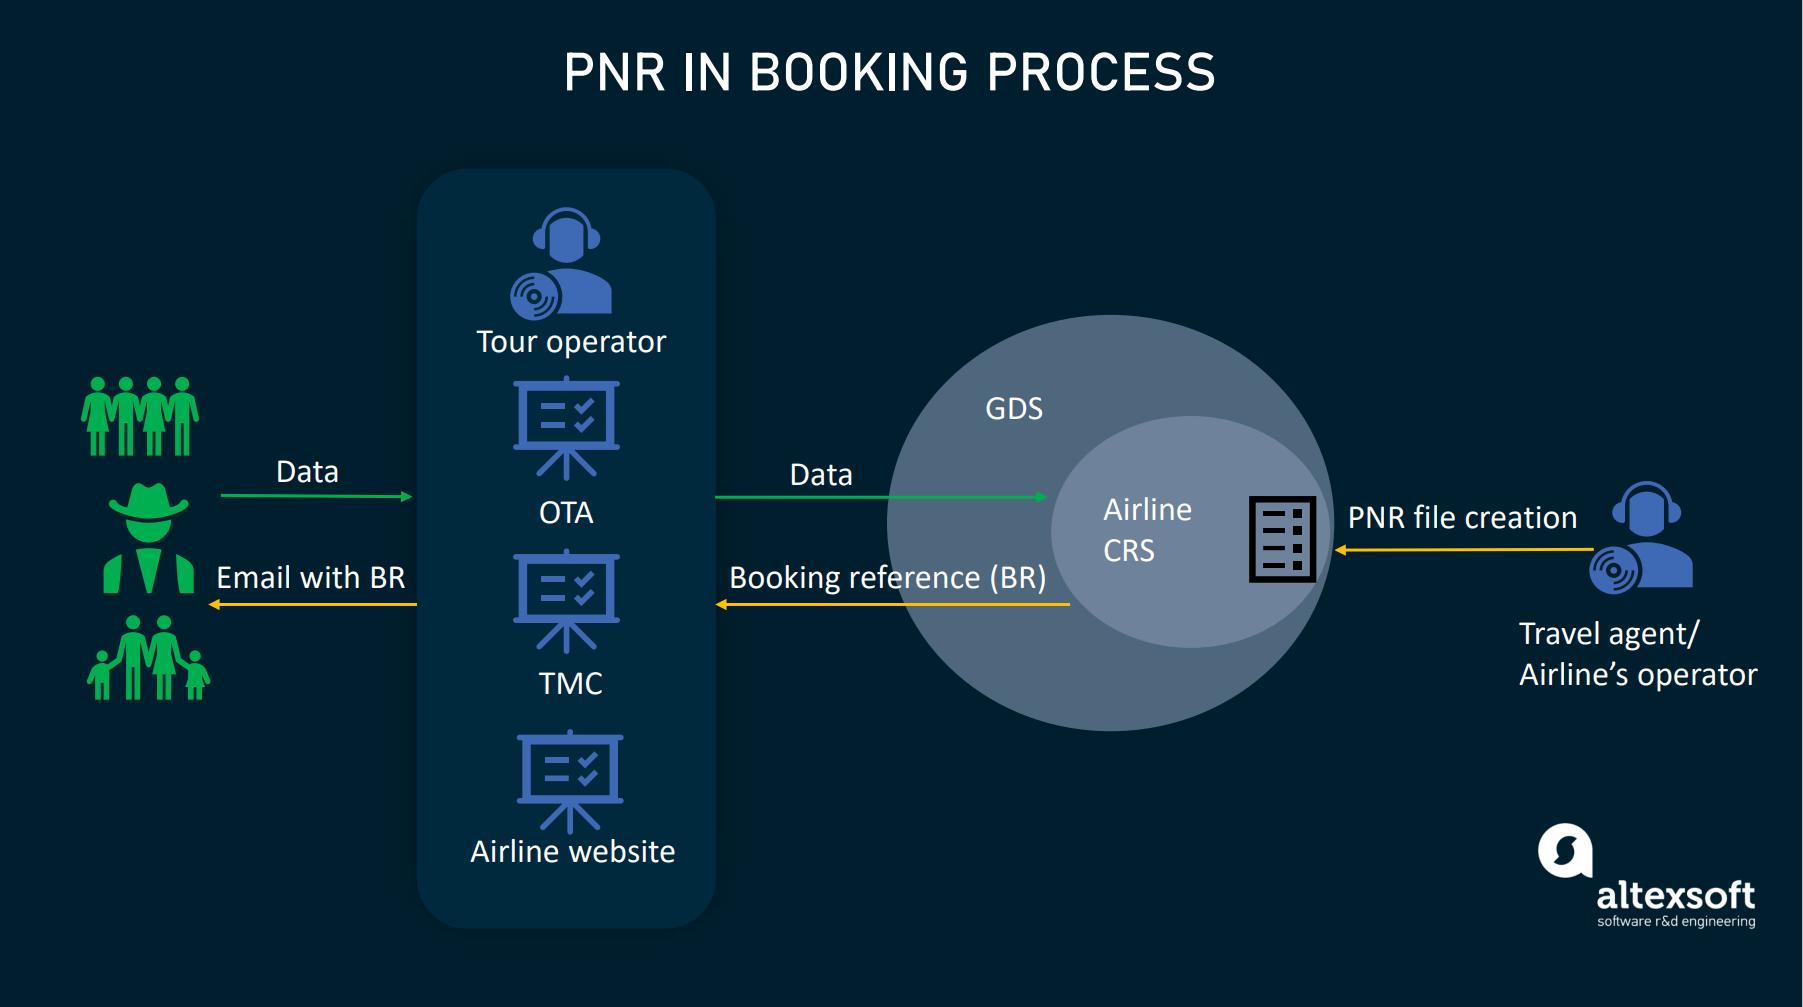 PNR inb flight booking process